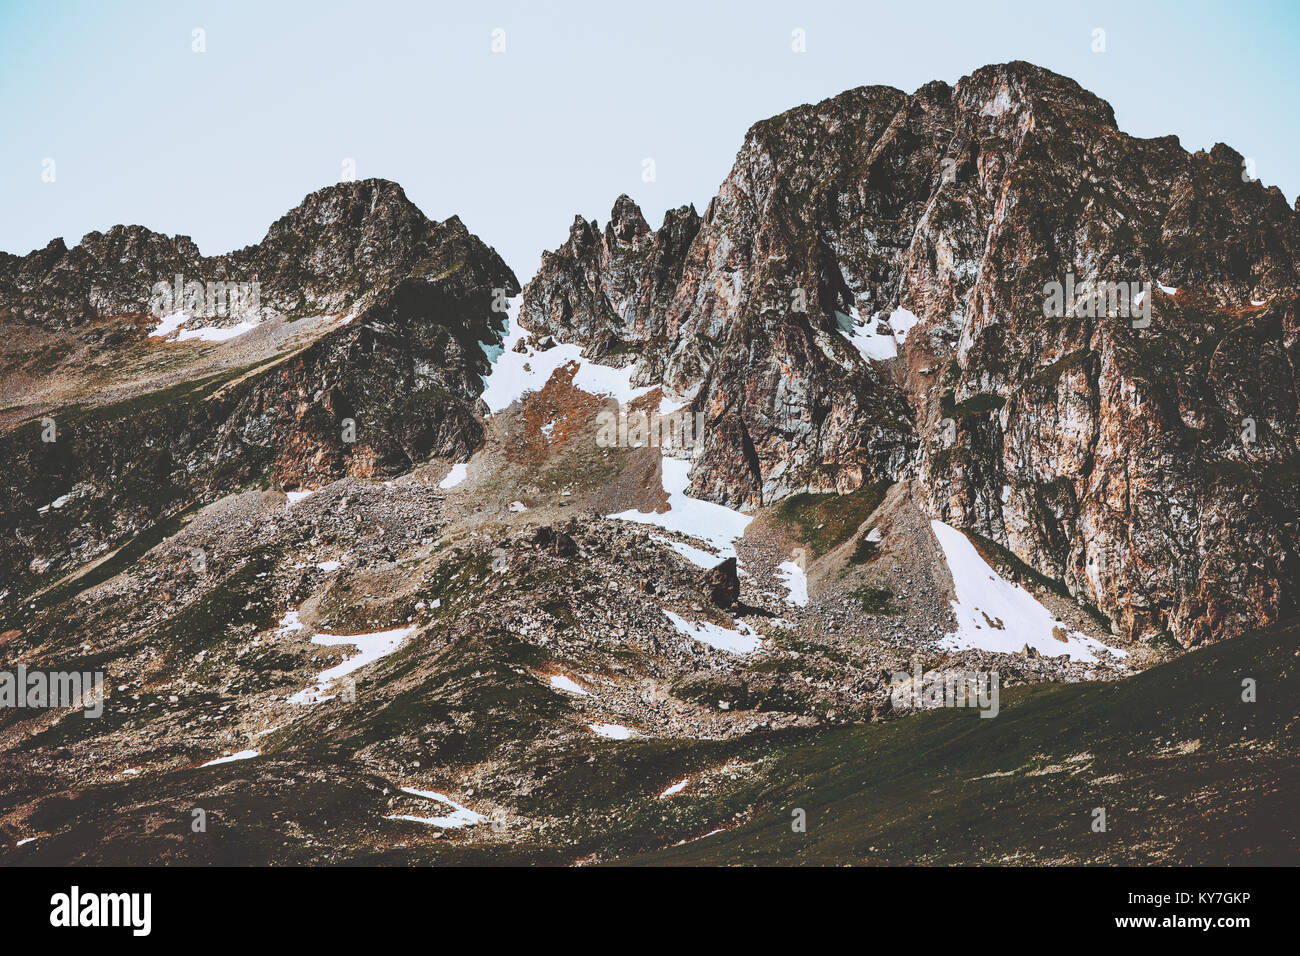 Rocky Mountains Landschaft Sommer Reisen wilde Natur Landschaft Stockbild